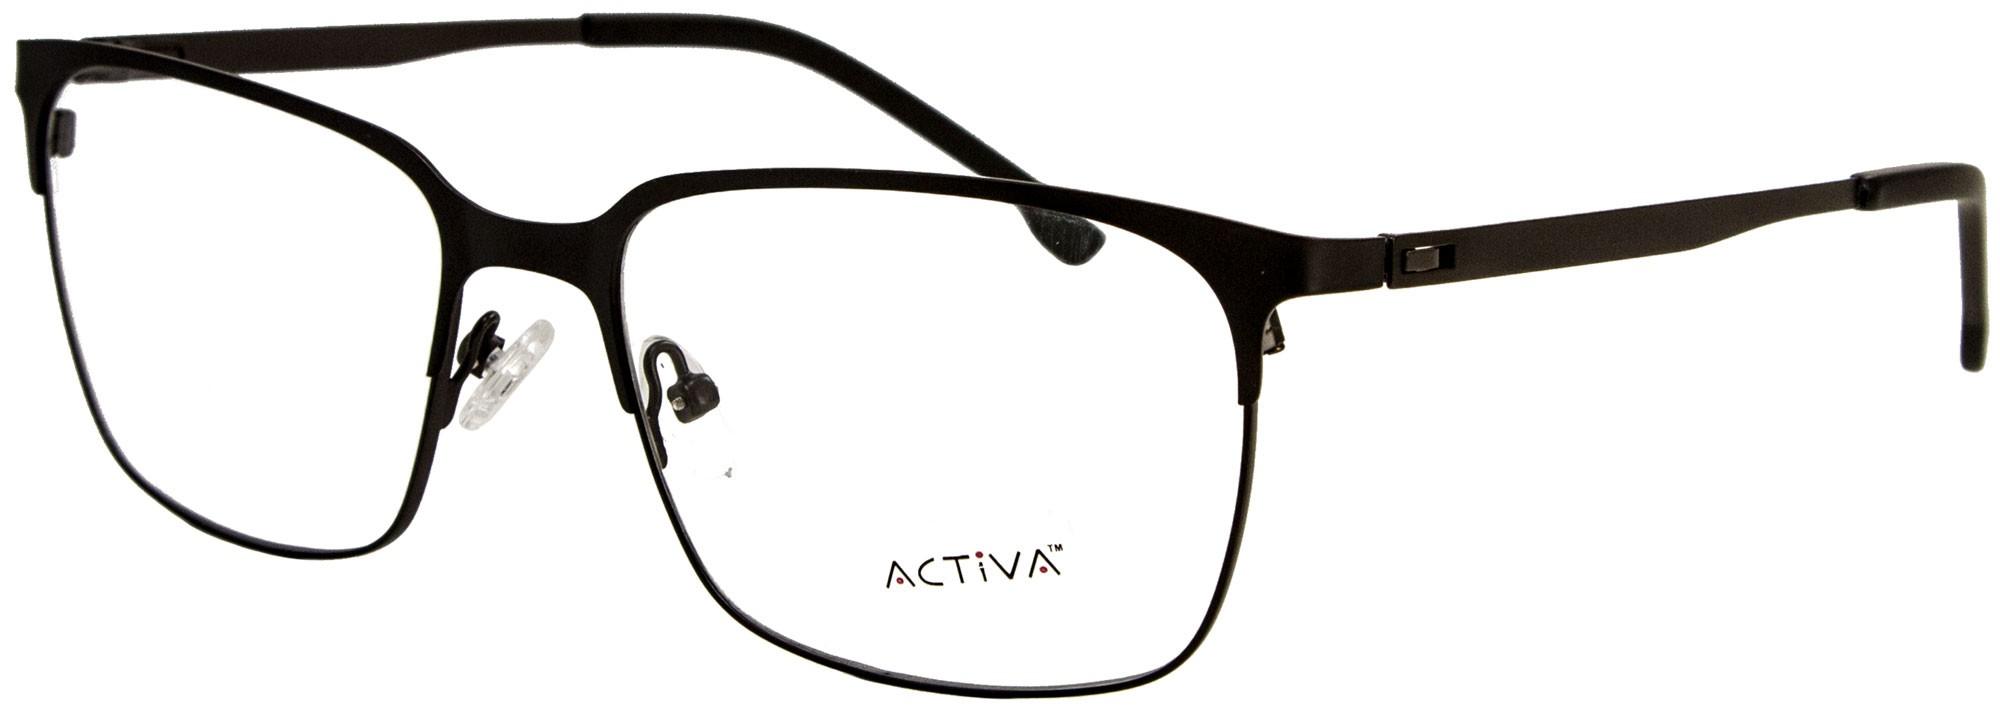 Activa 9548 C4 2